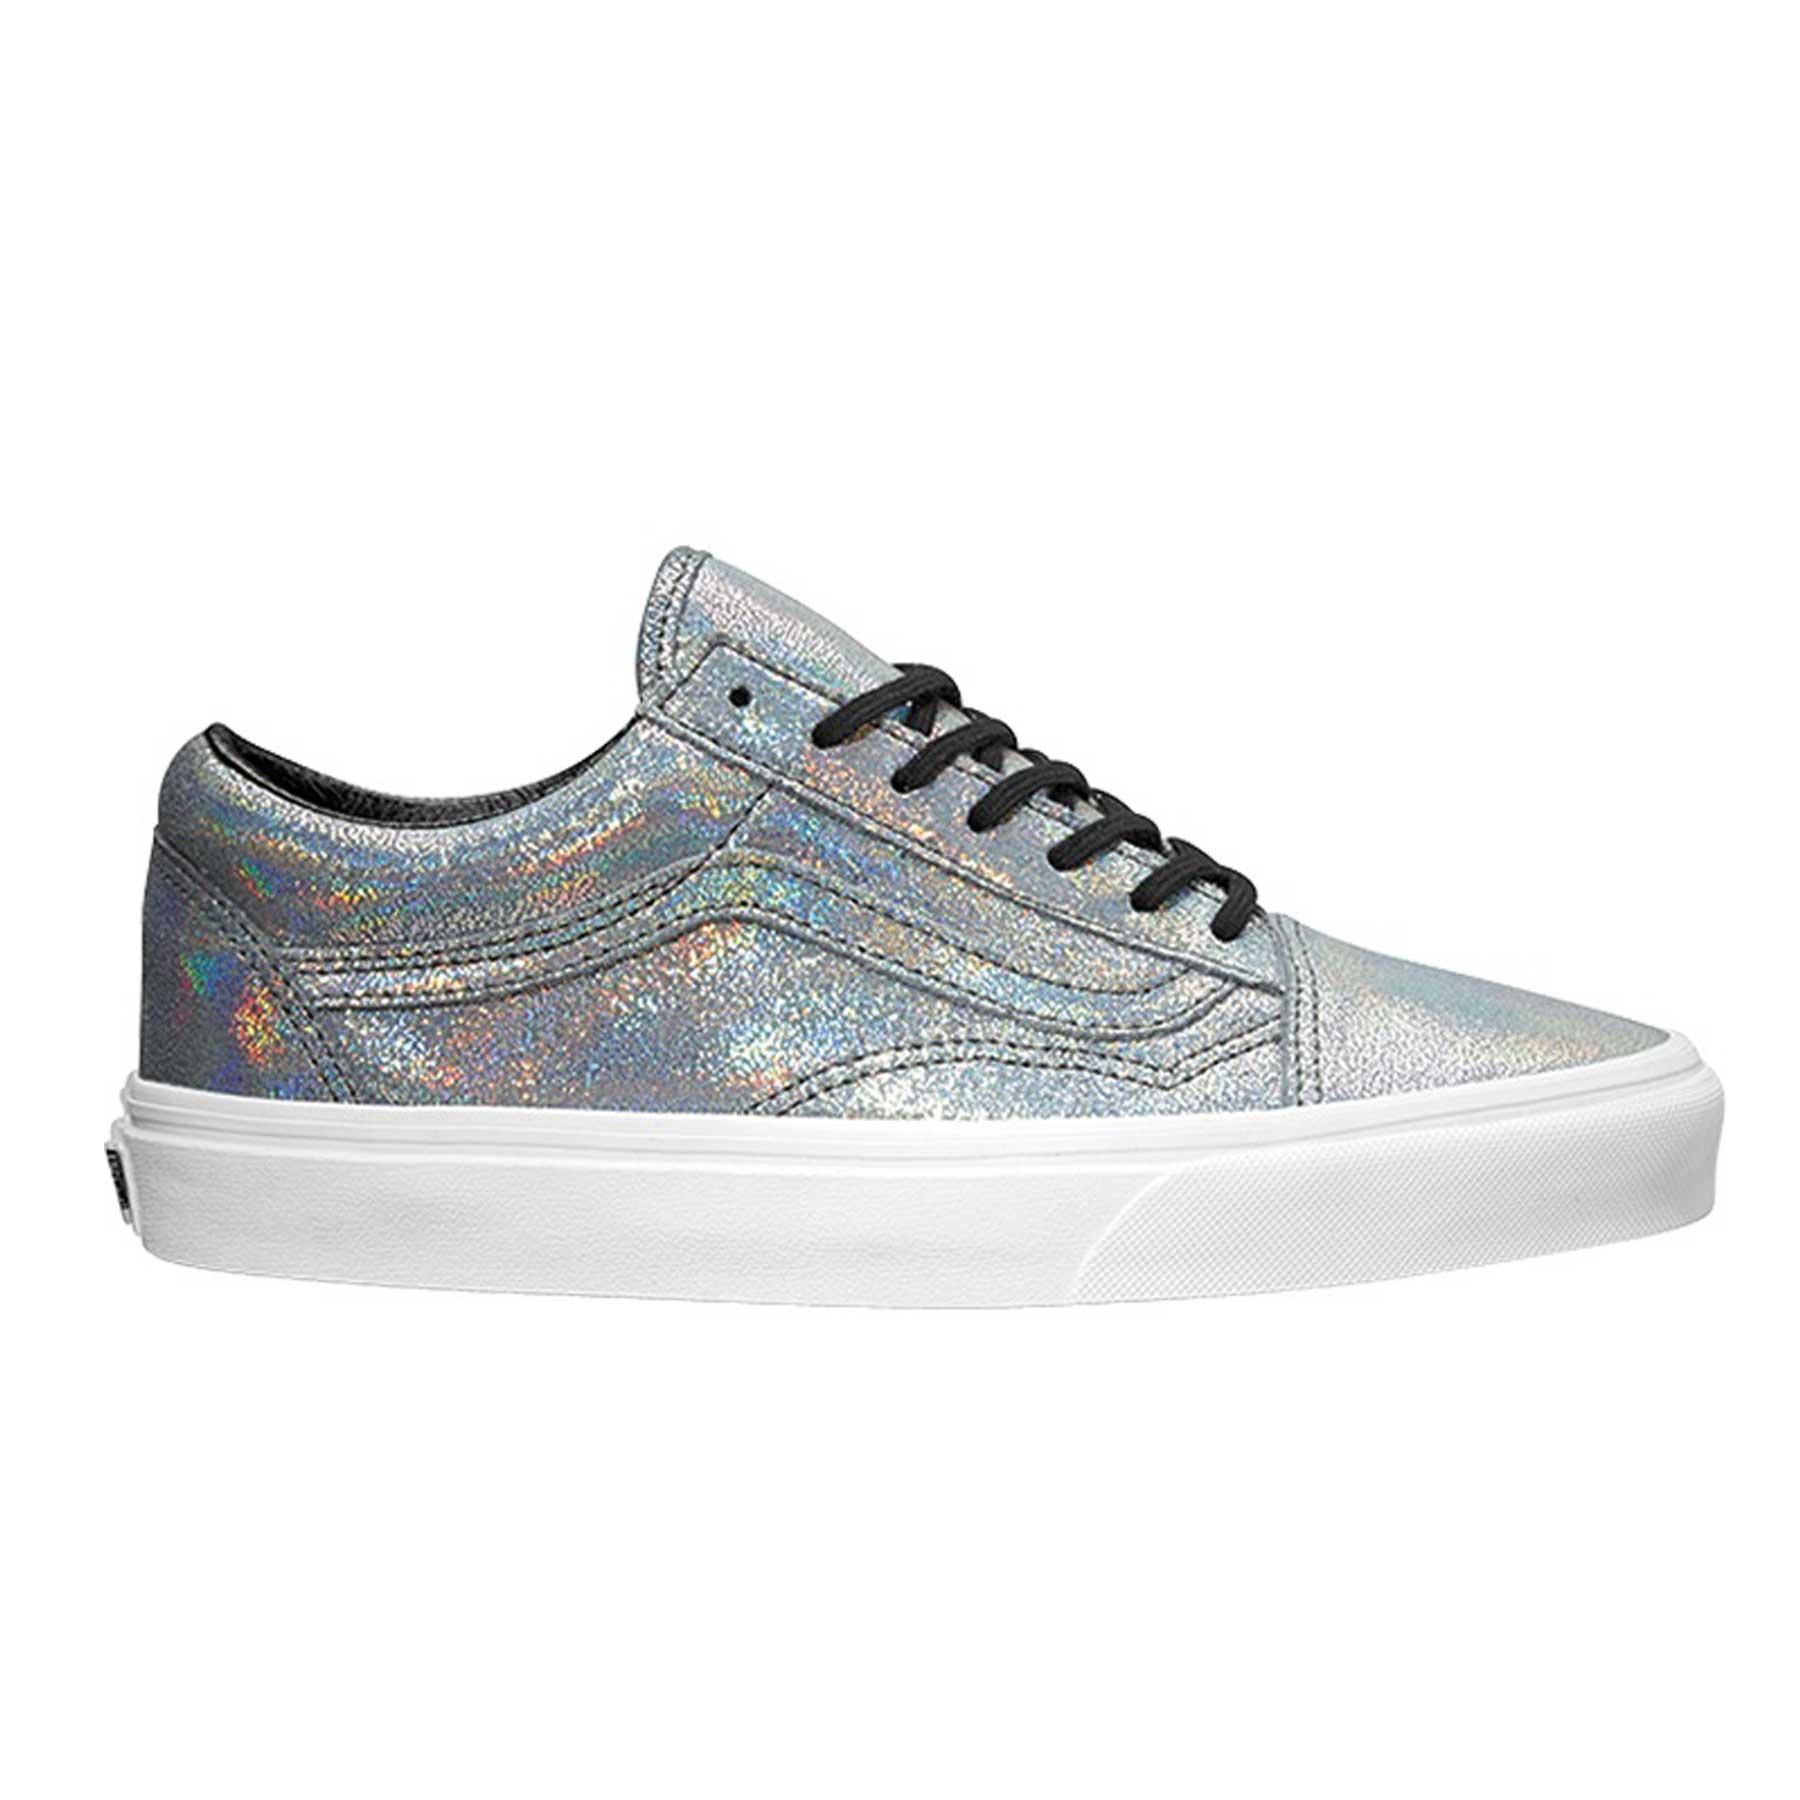 hot sale online fb9e3 2449e scarpe vans ragazza invernali